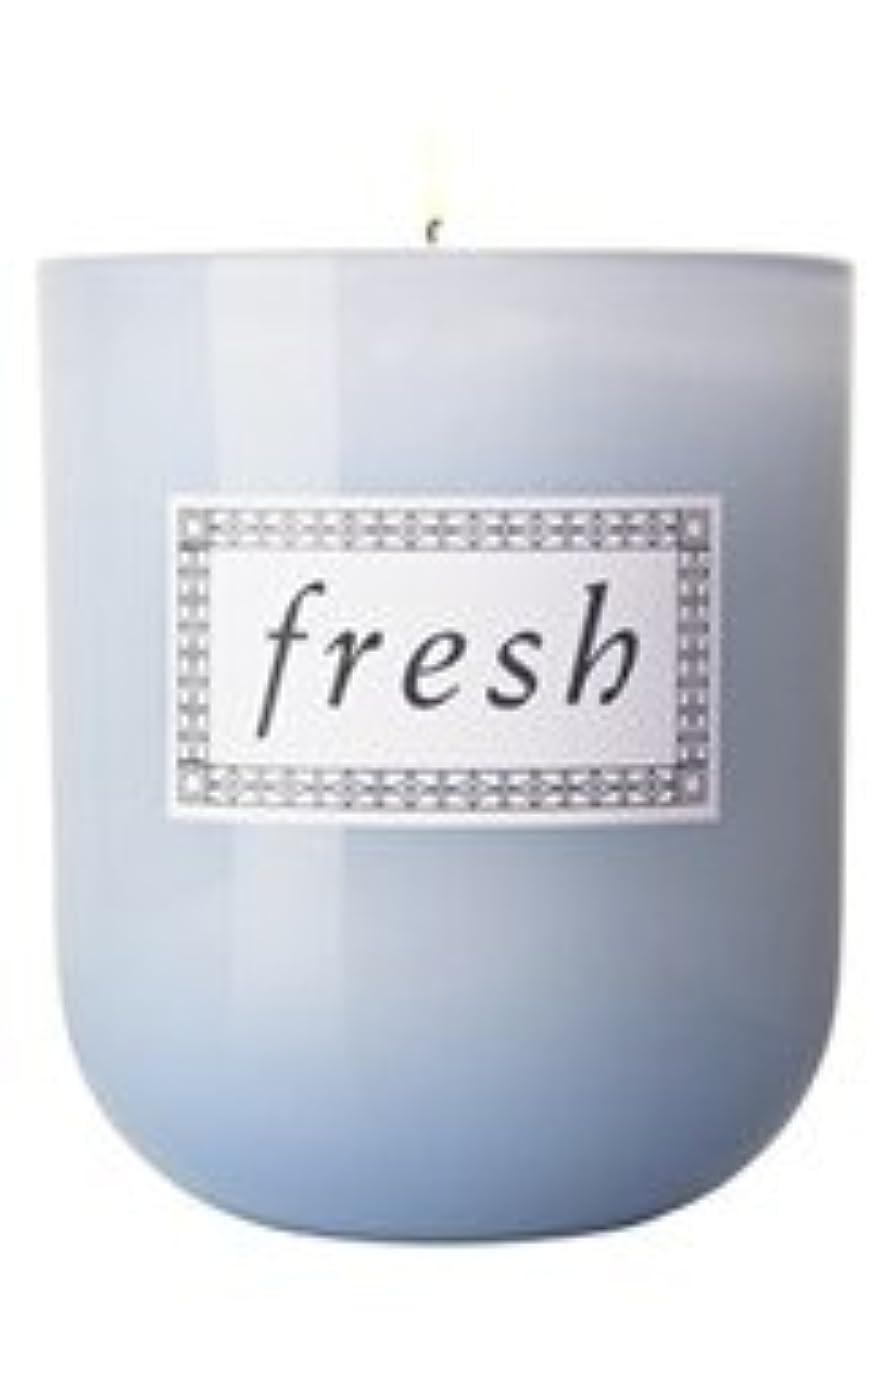 極めて重要なシャット円形のFresh Life (フレッシュ ライフ) 215g Scented Candle (香りつきキャンドル)